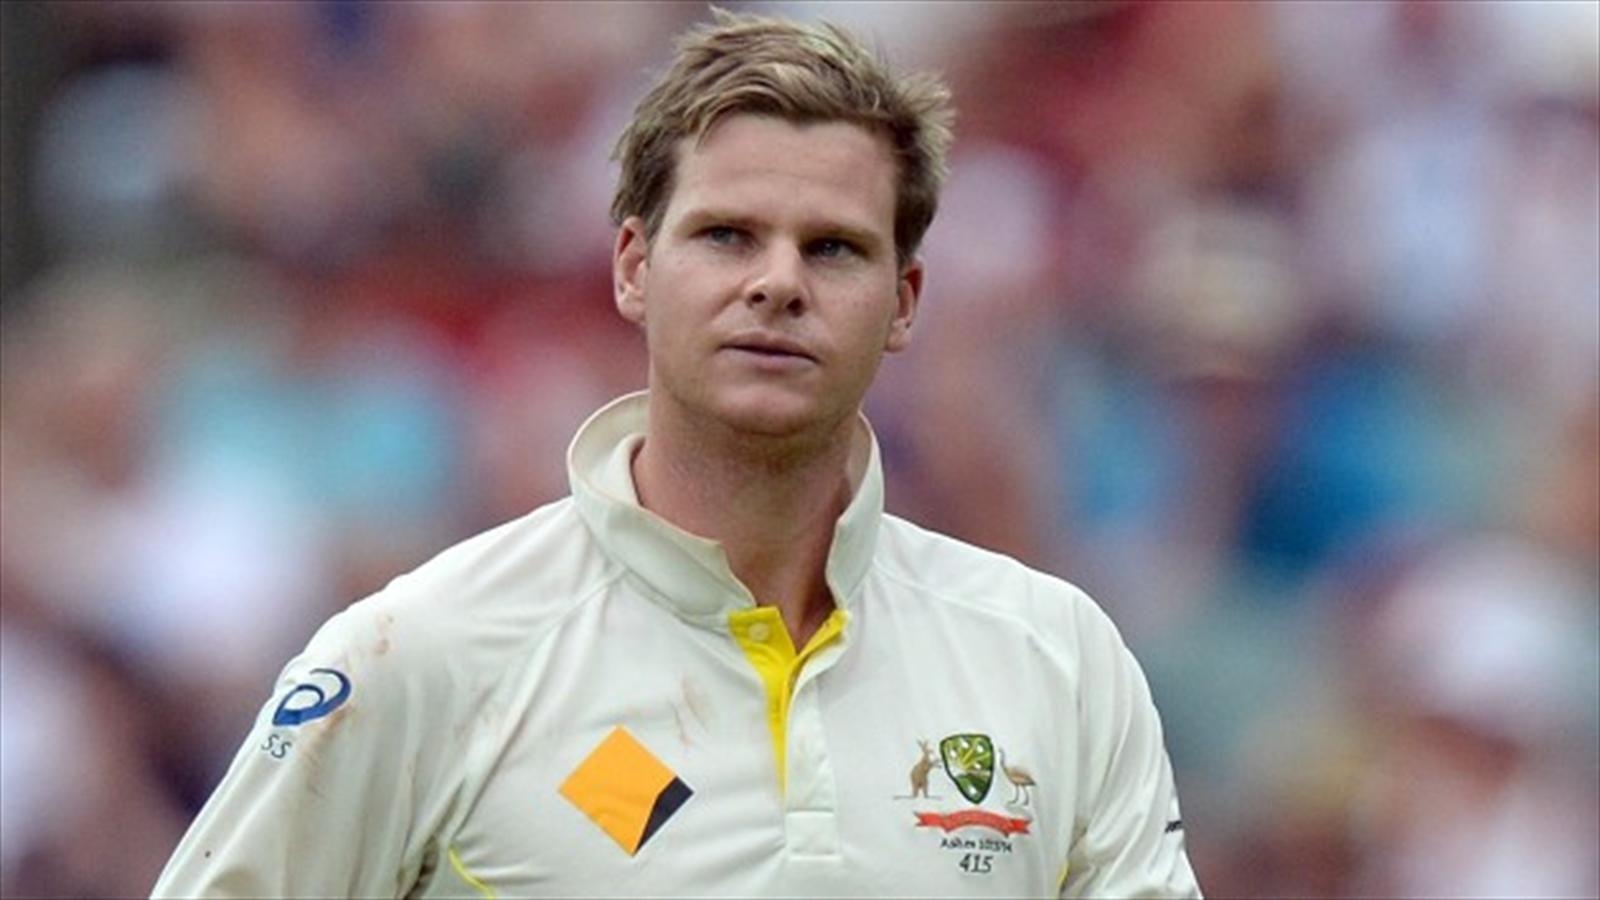 भारत के खिलाफ होने वाली टी-20 सीरीज में ऑस्ट्रेलिया को लगा बड़ा झटका, स्मिथ पहले मैच से बाहर